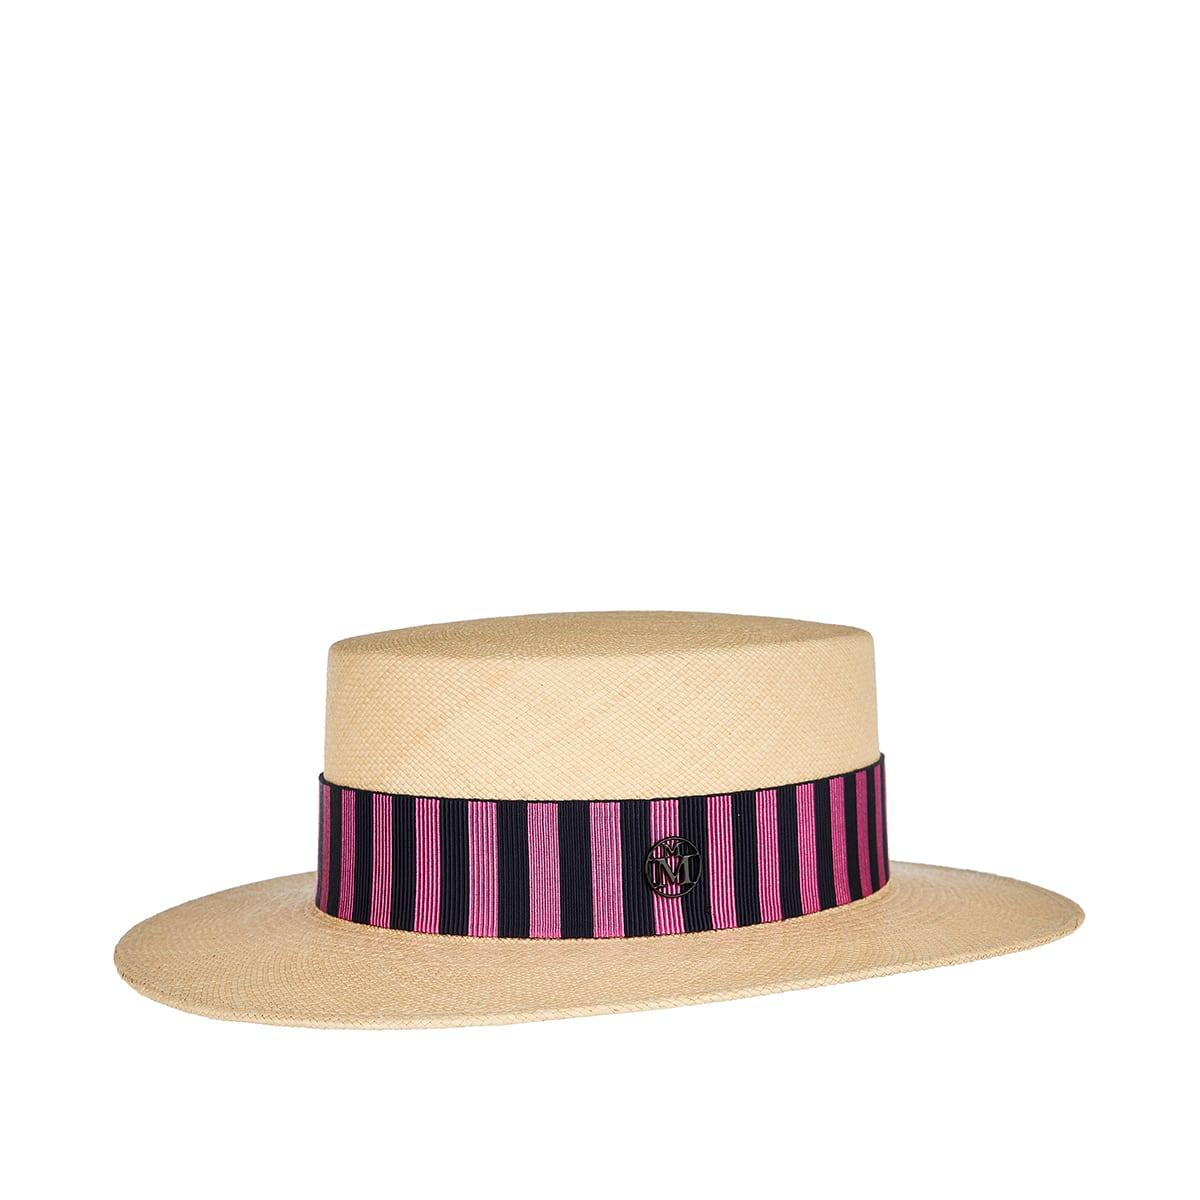 Kiki straw canotier hat